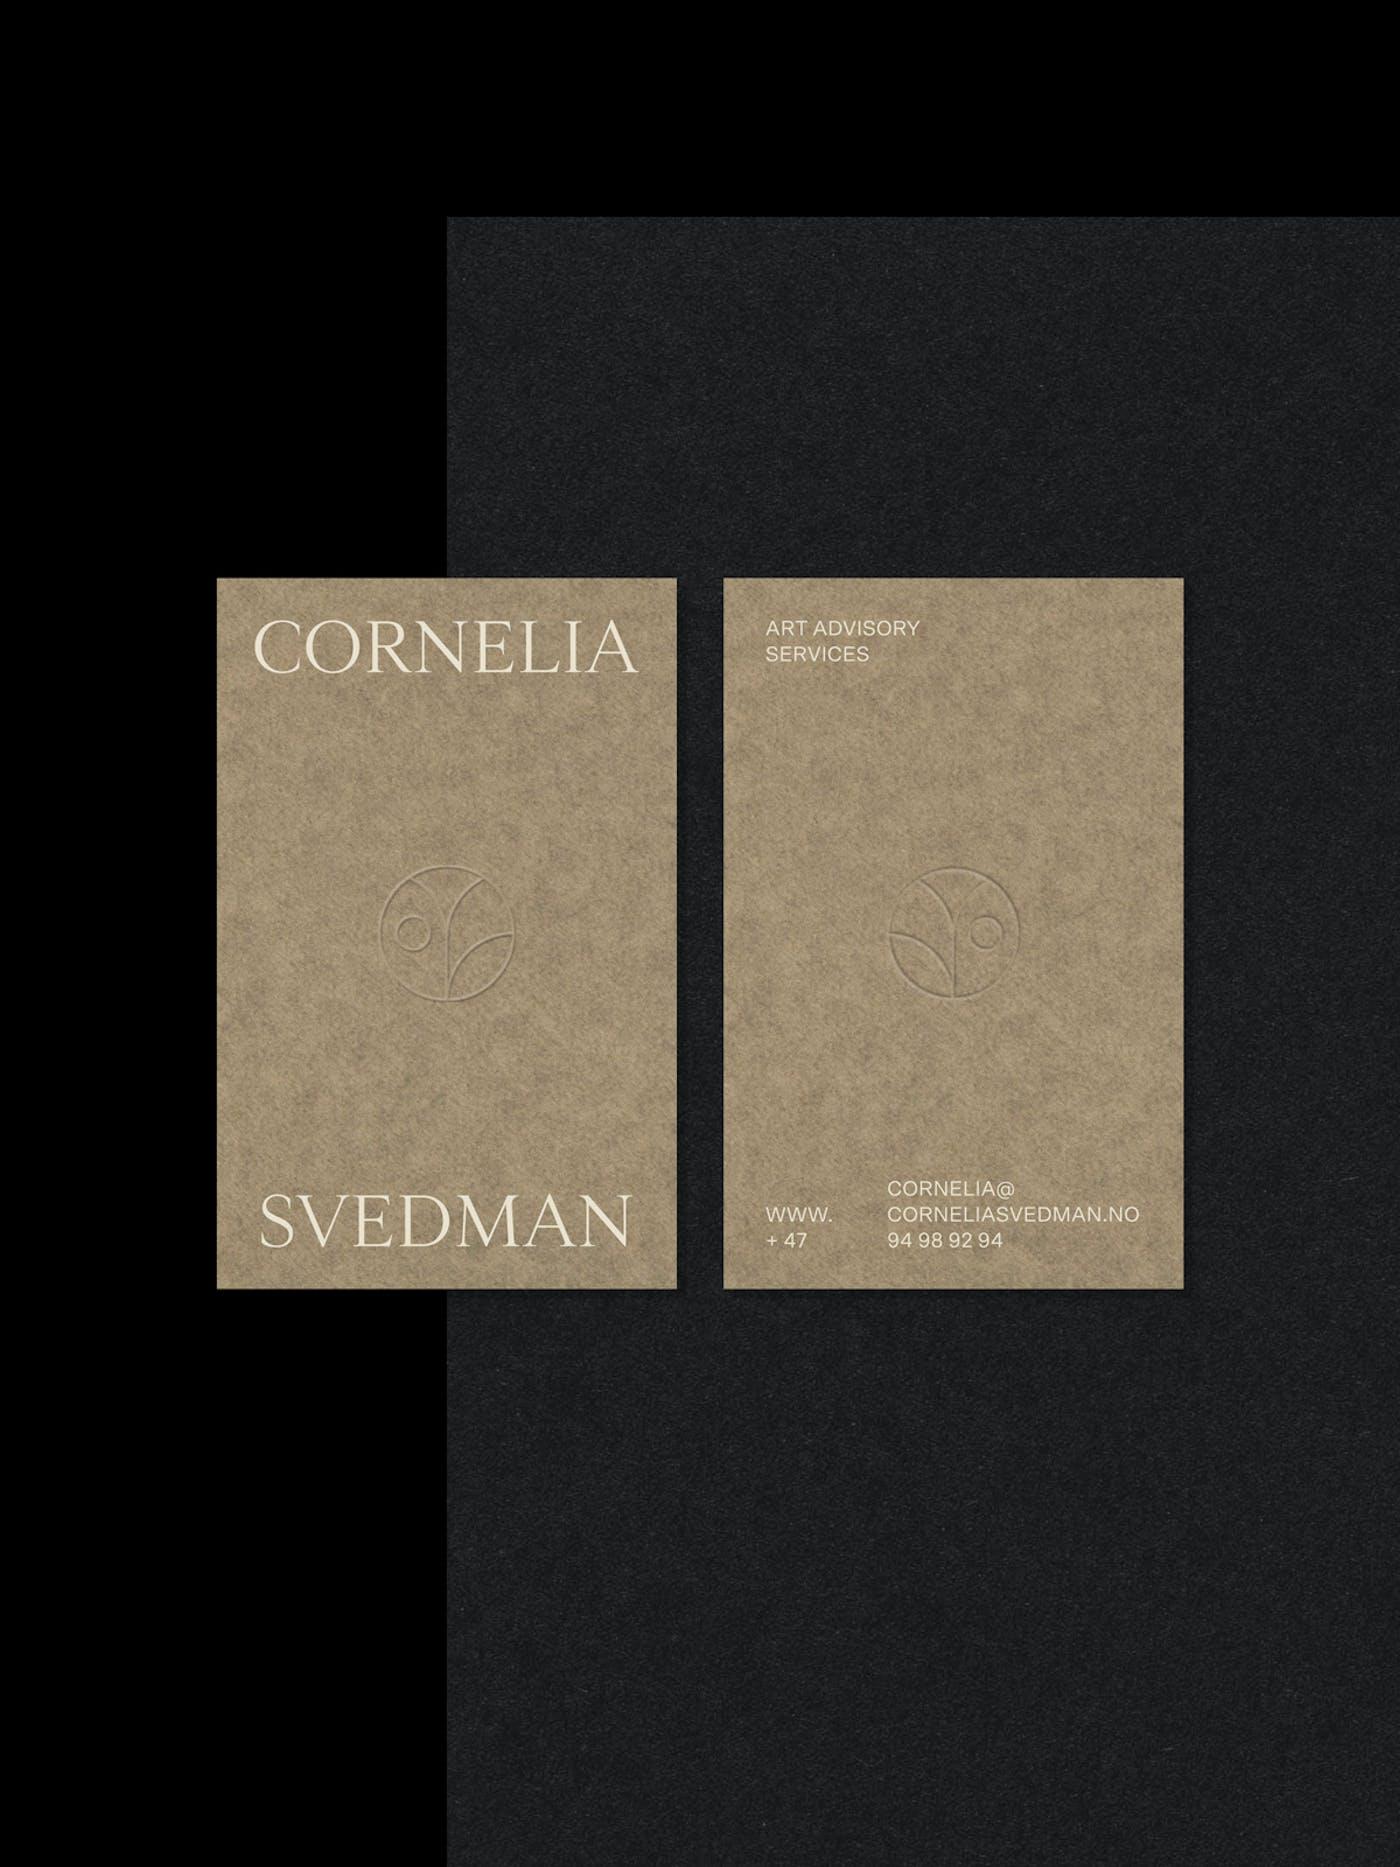 Cornelia Svedman Cards